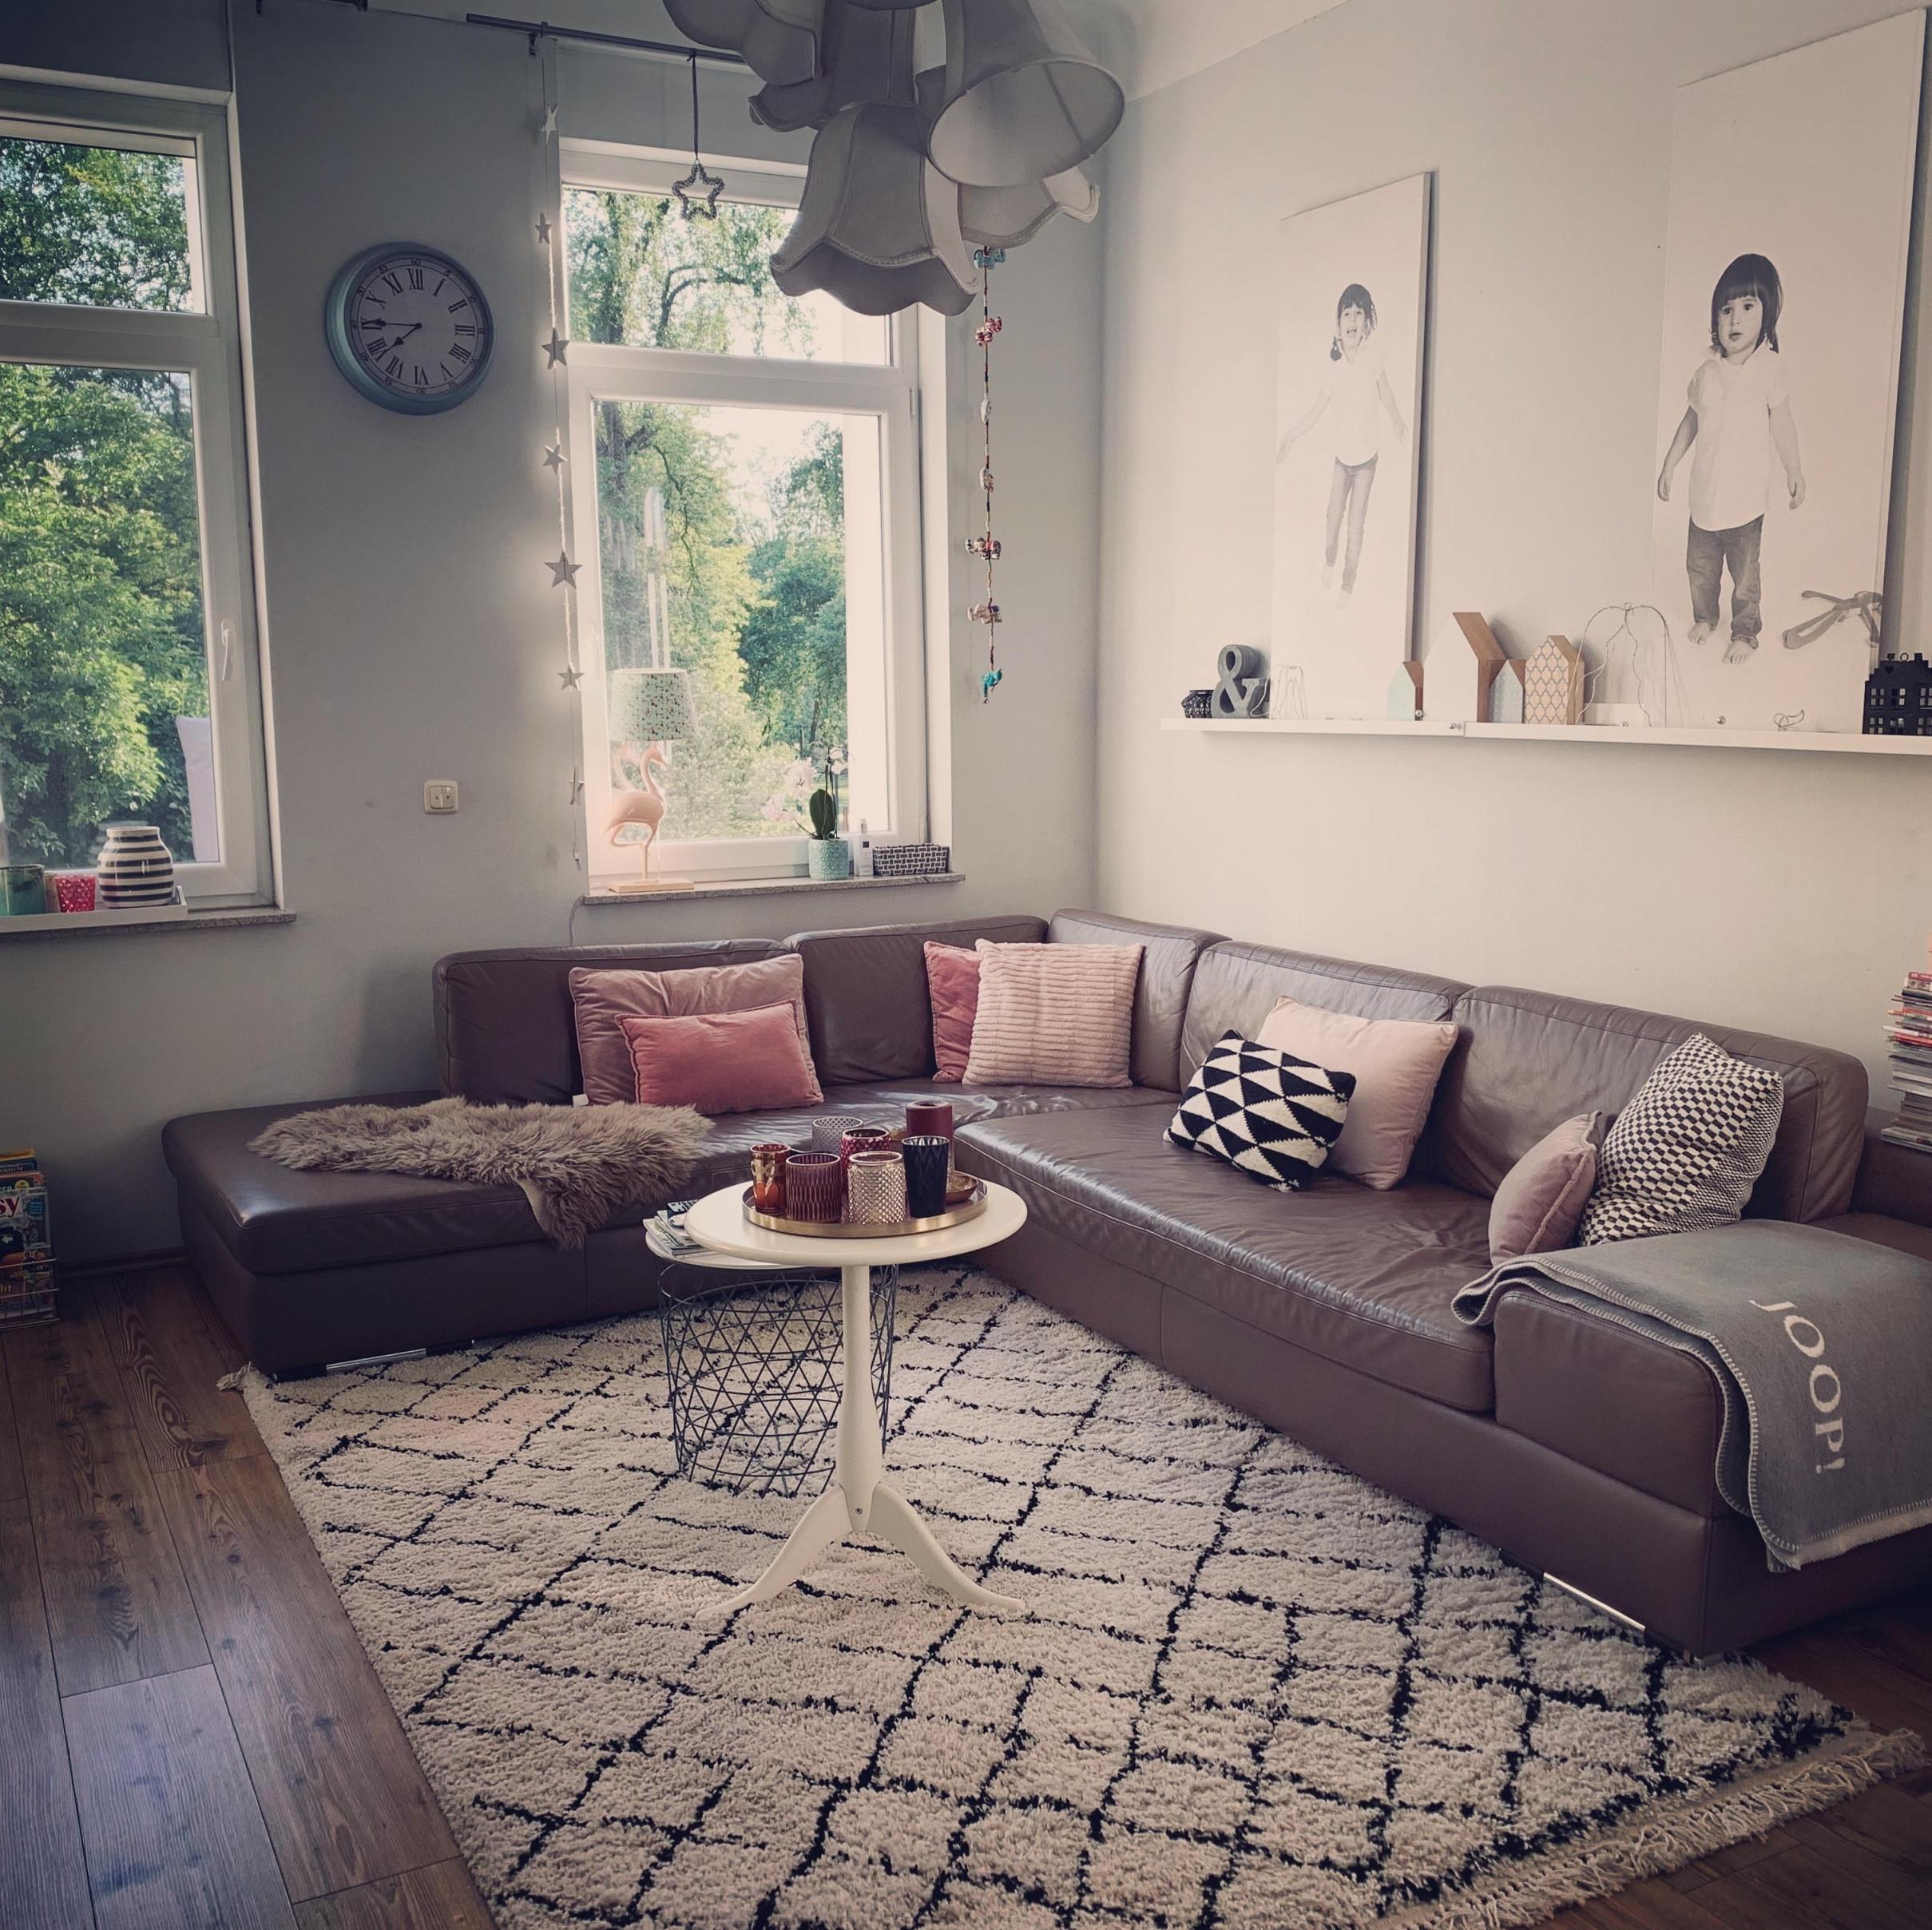 Gemütliches Wohnzimmer So Schaffst Du Eine Kuscheloase von Gemütliches Wohnzimmer Bilder Photo